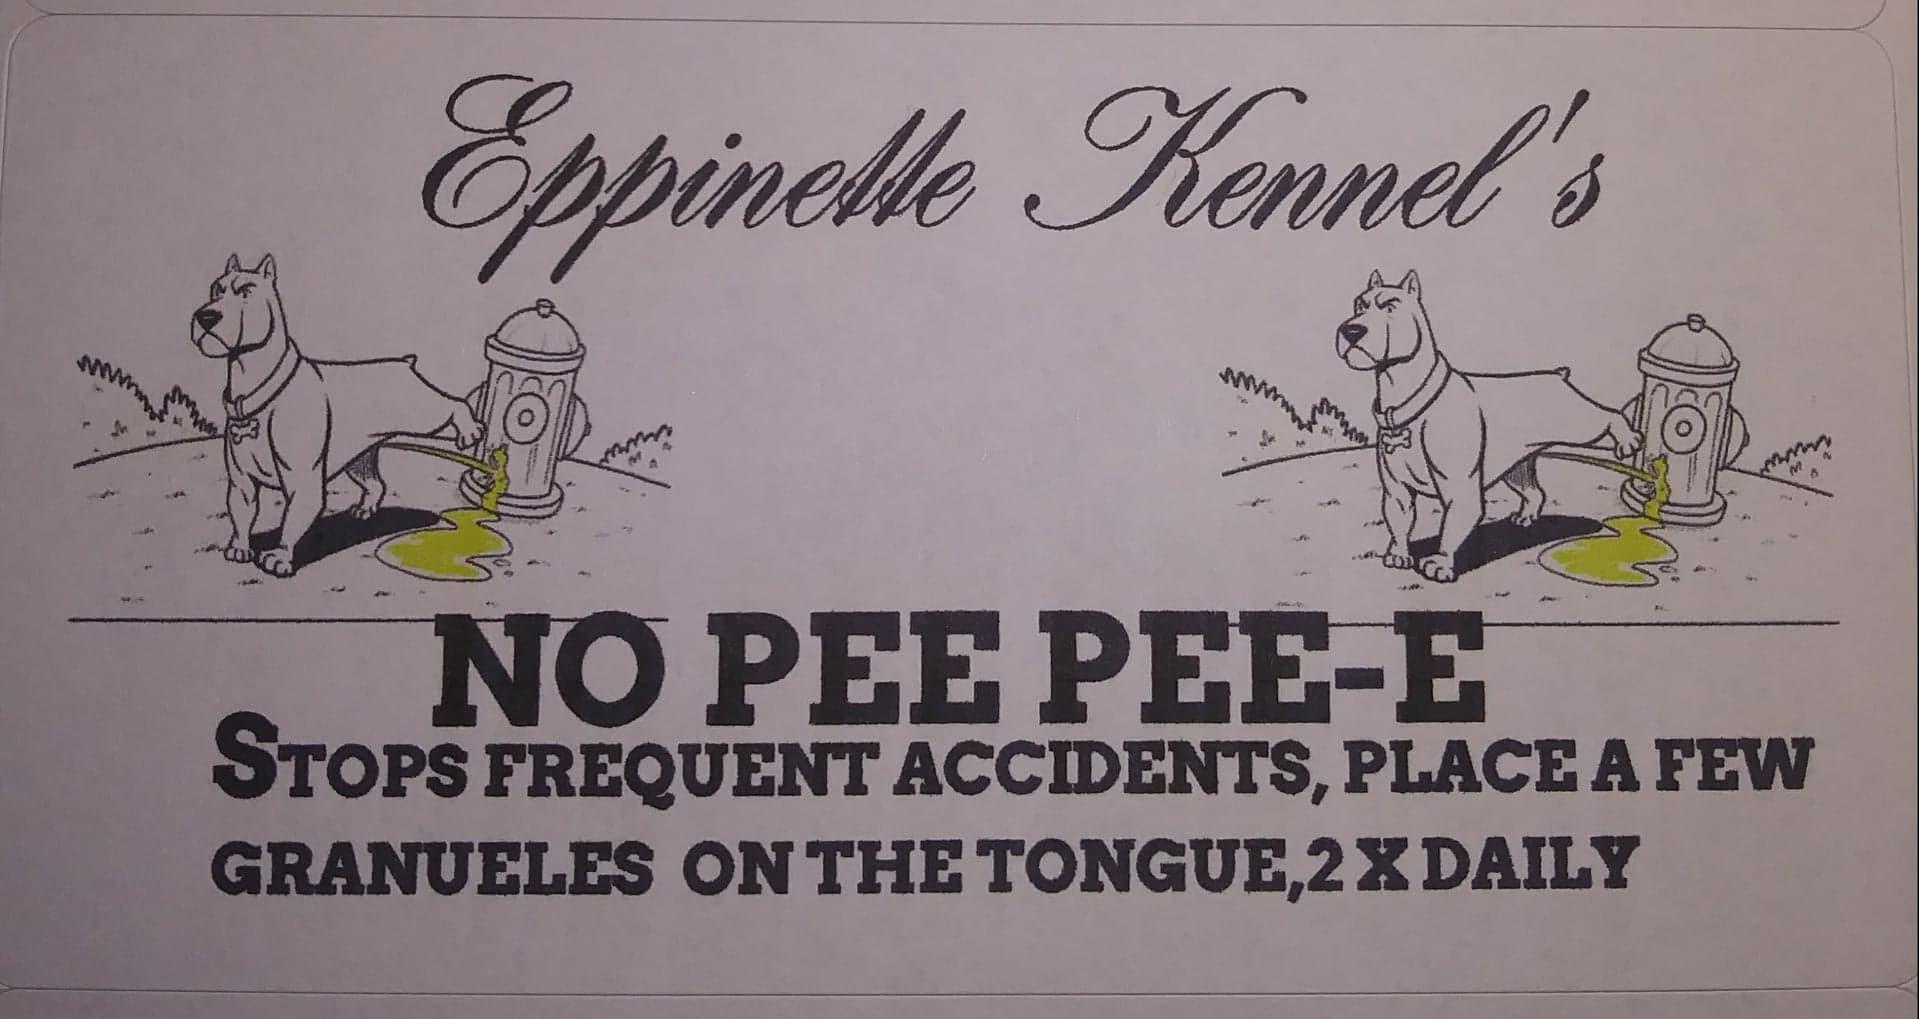 NO PEE PEE-E